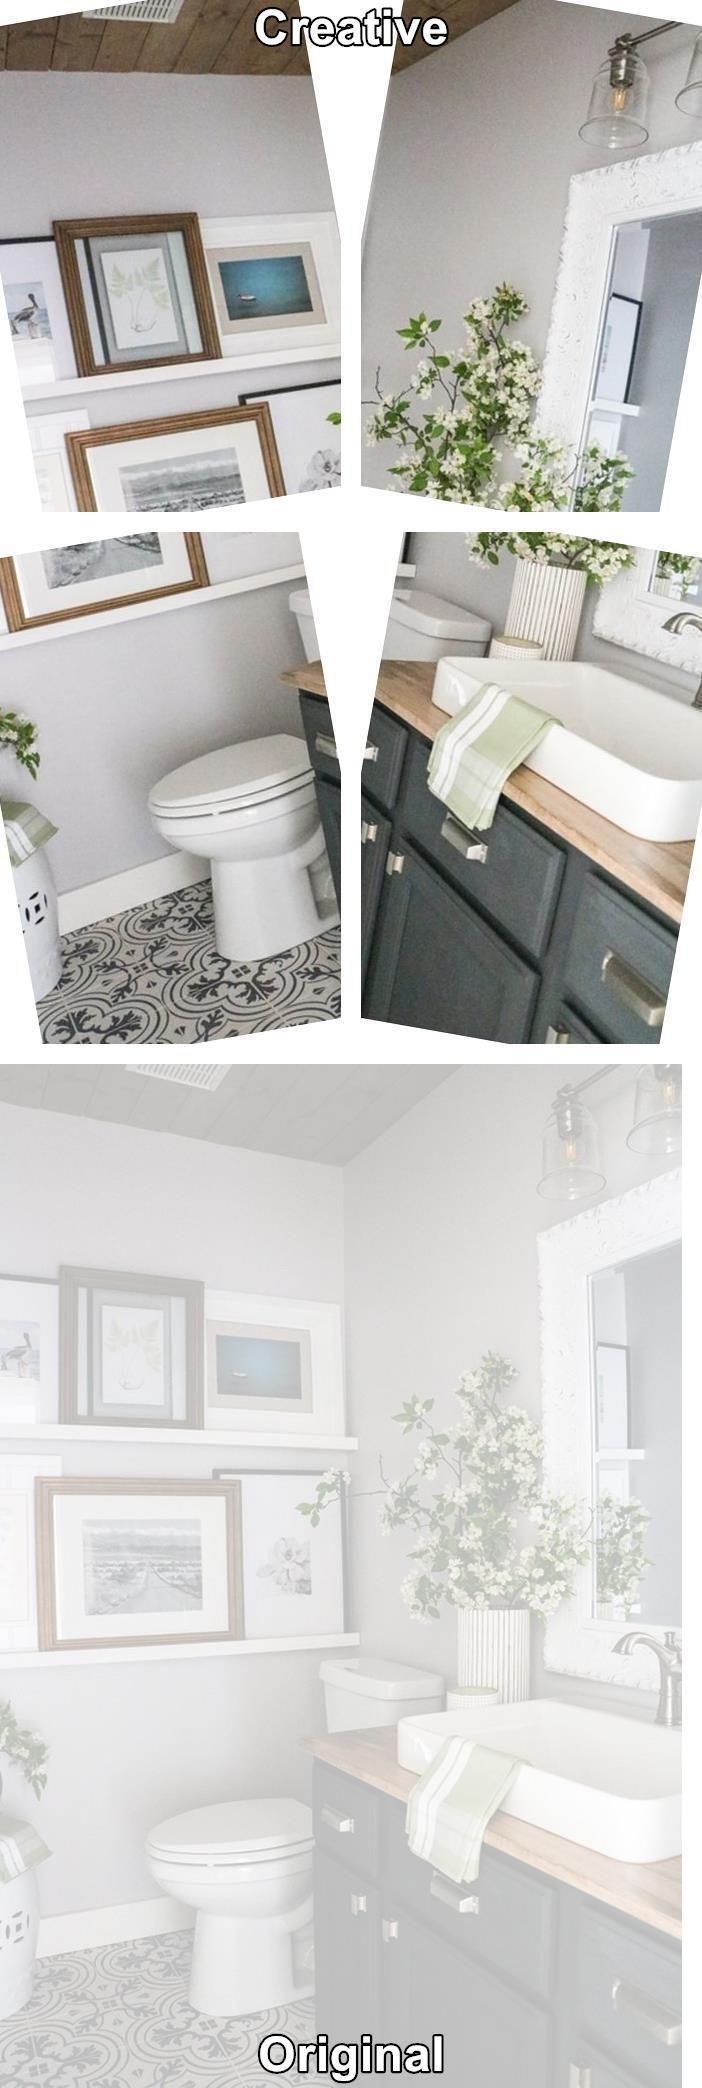 Bamboo Bathroom Accessories Yellow Bathroom Set Teal And Grey Bathroom Sets Badezimmer Accessoires Badezimmer Set Bambus Badezimmer